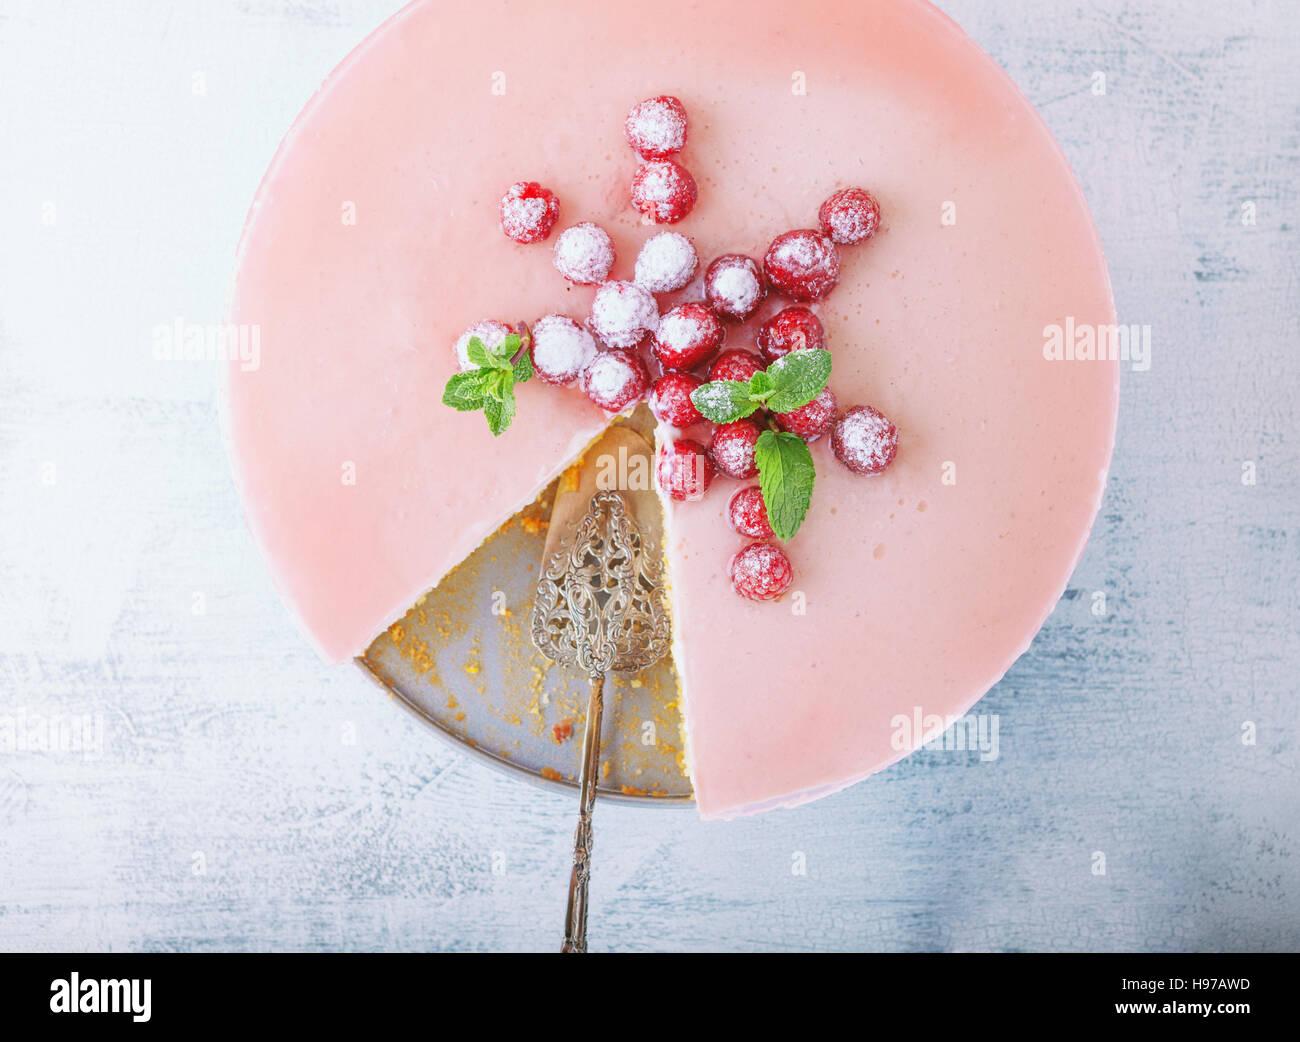 Pastel de yogur de frambuesa decorado con las bayas. Imagen De Stock